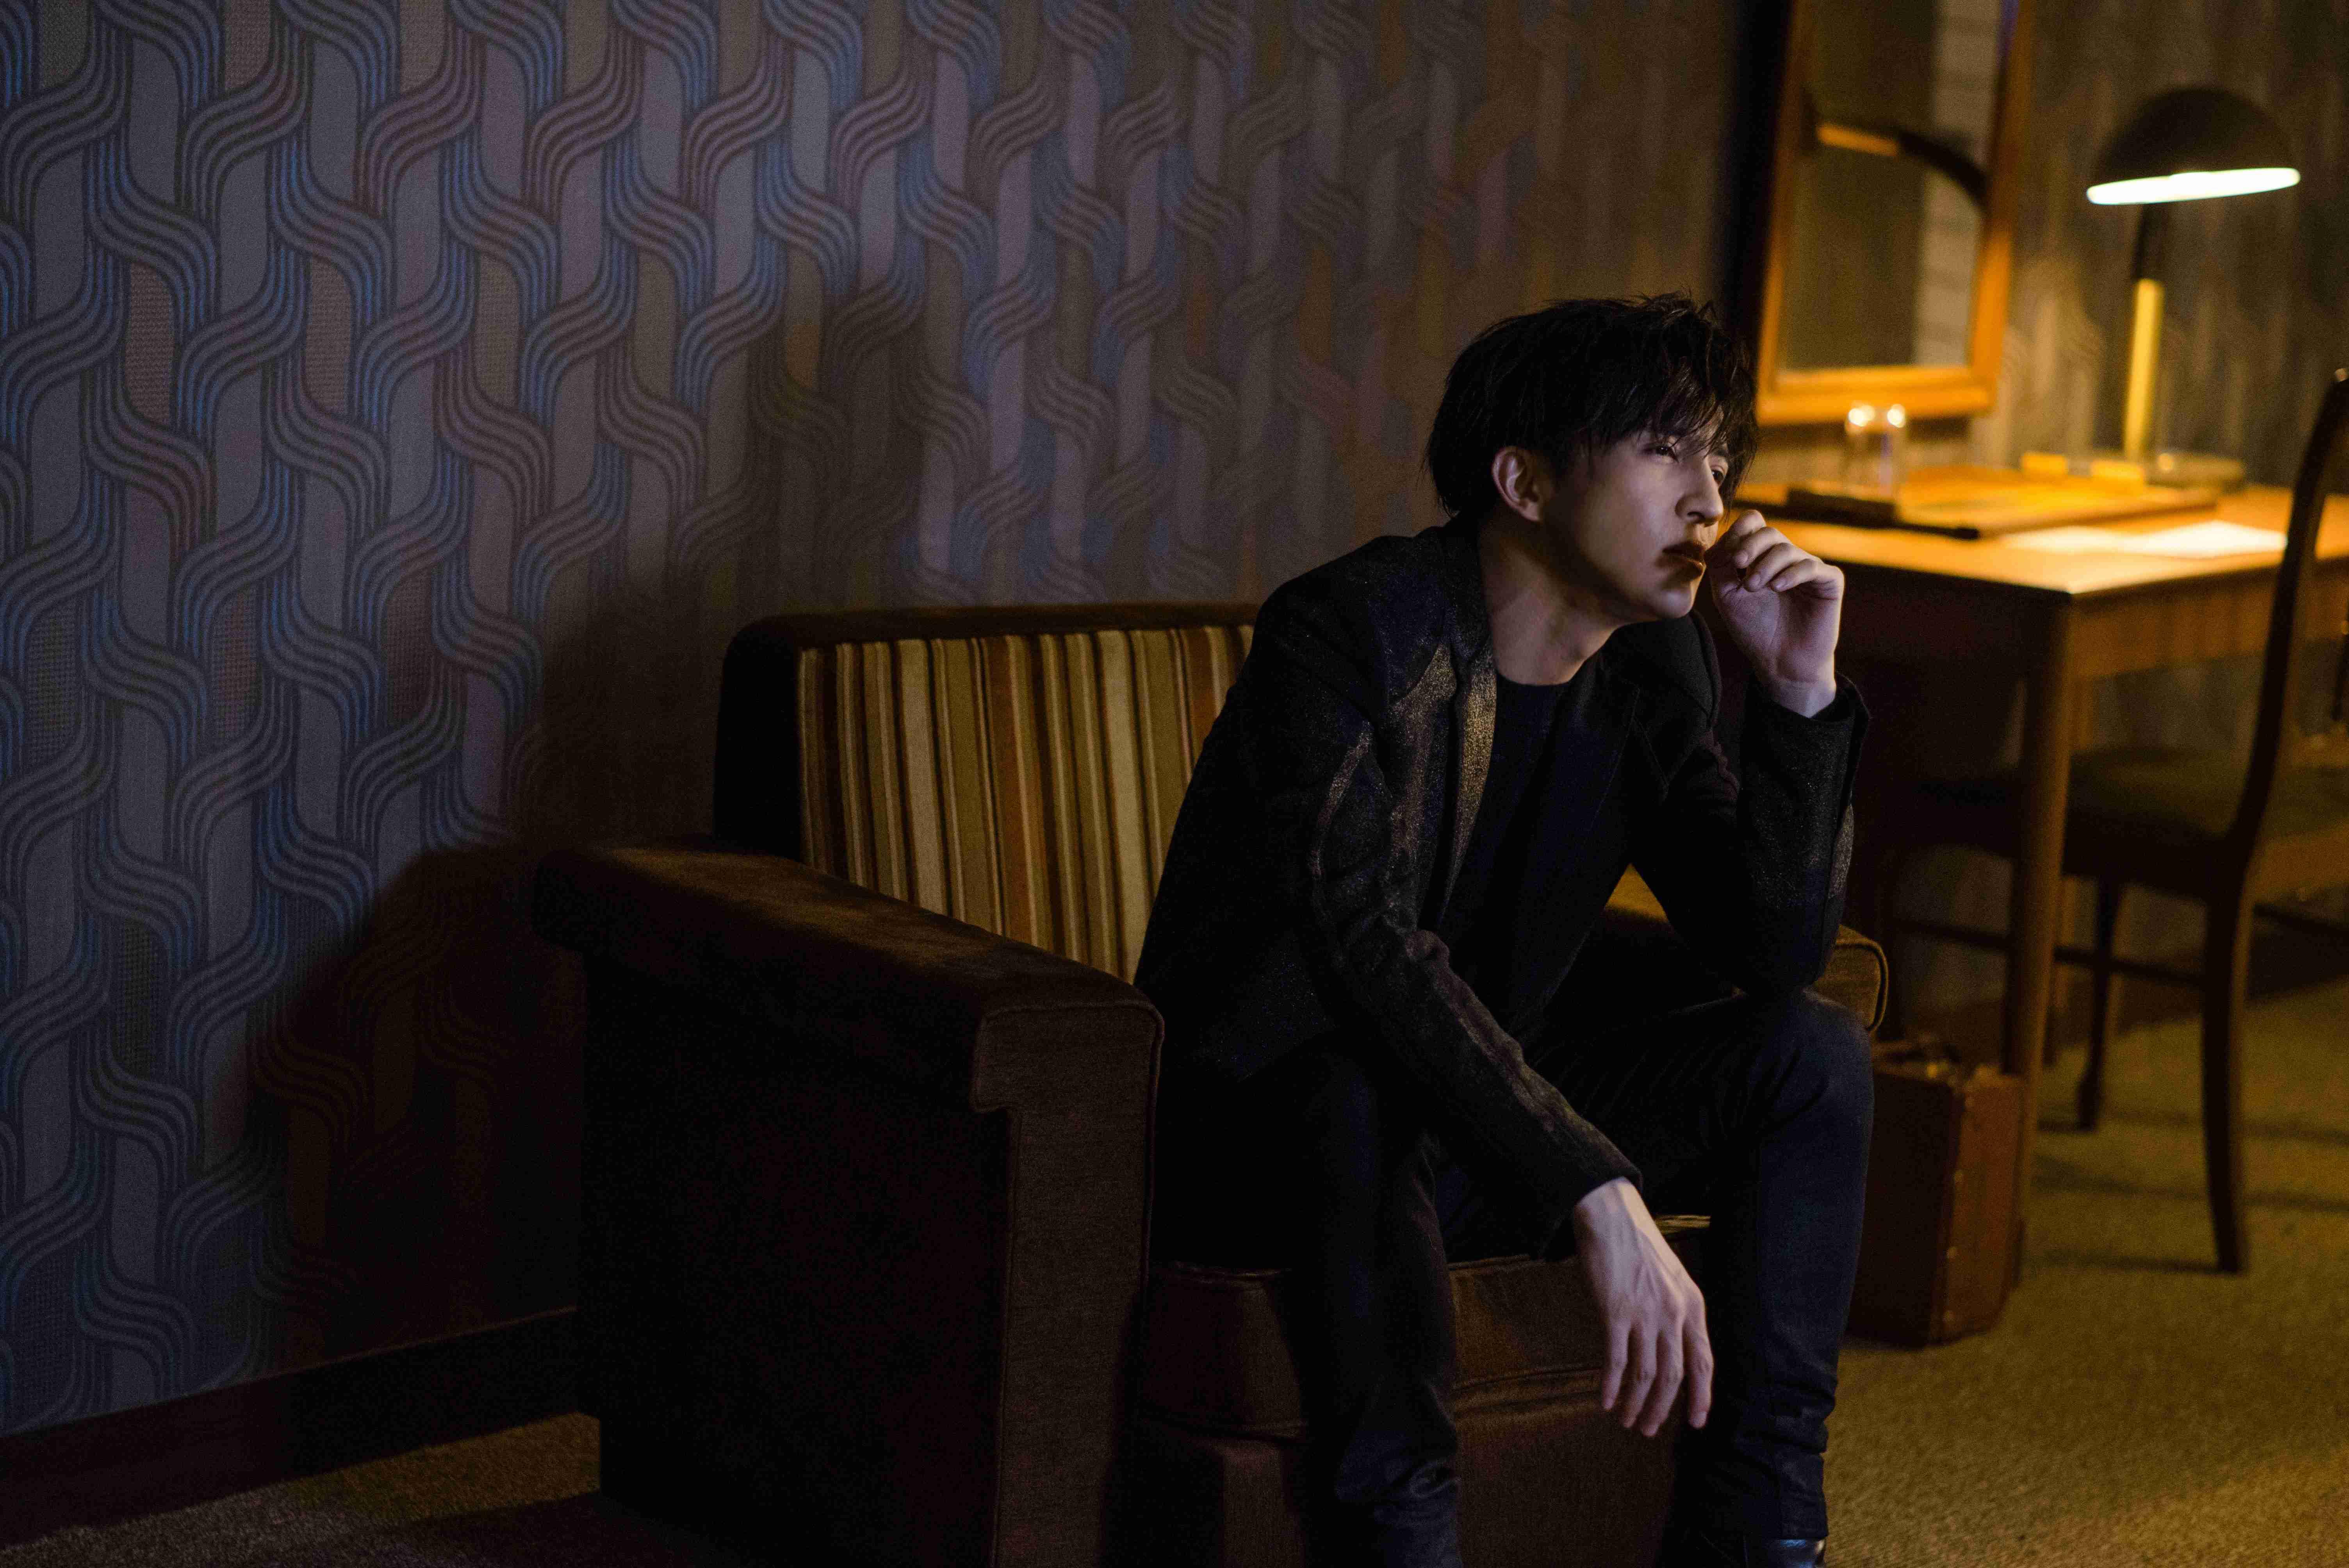 薛之谦都市寓言情歌《骆驼》MV首发 直面孤独与从众的艰难抉择